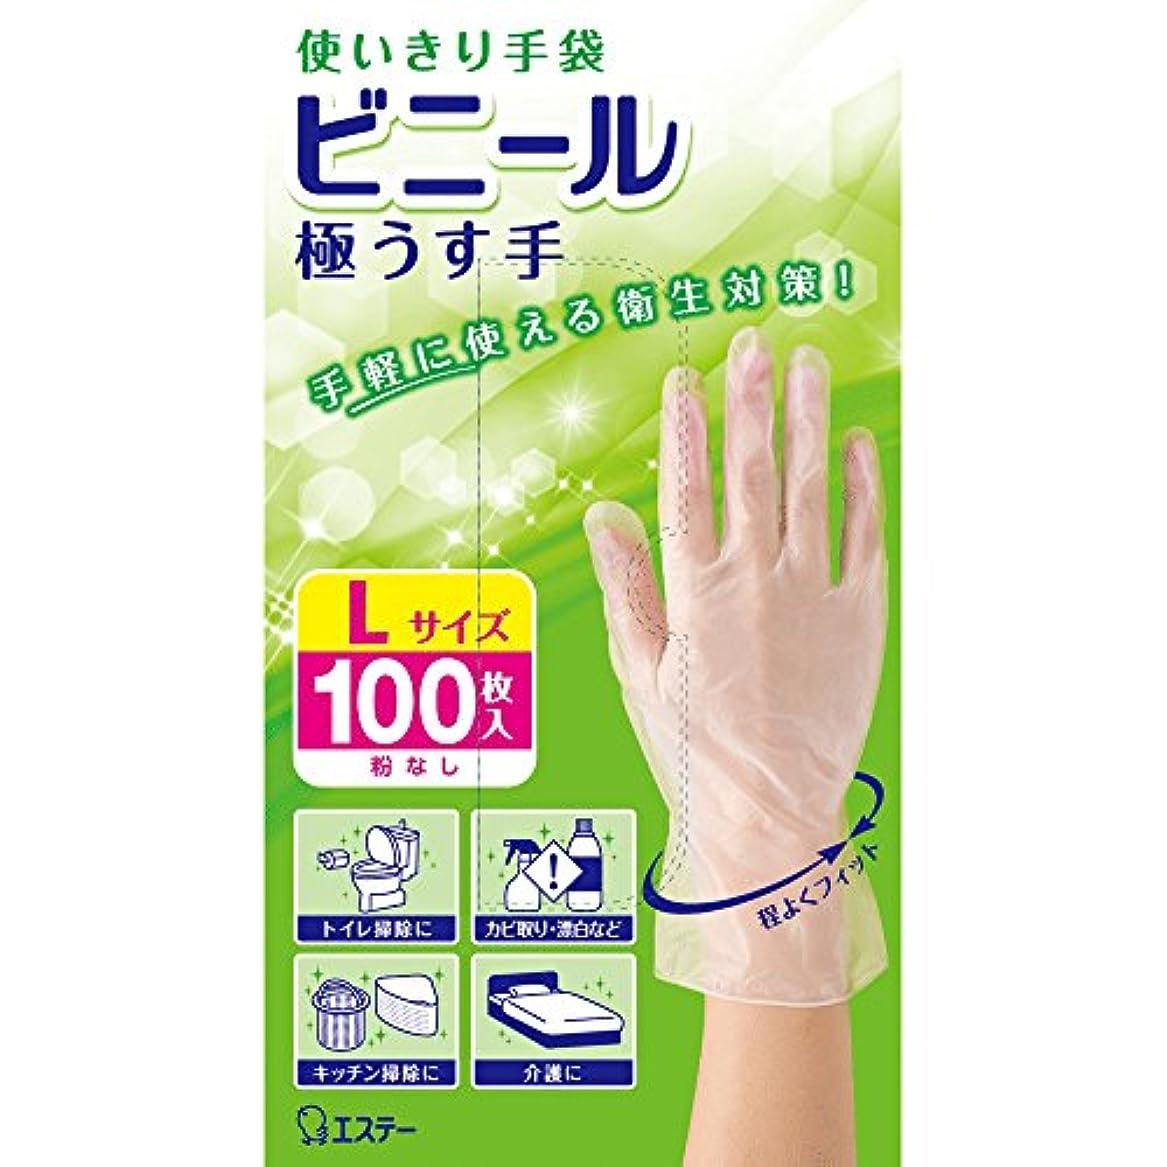 丁寧礼拝尾使いきり手袋 ビニール 極うす手 掃除用 使い捨て Lサイズ 半透明 100枚